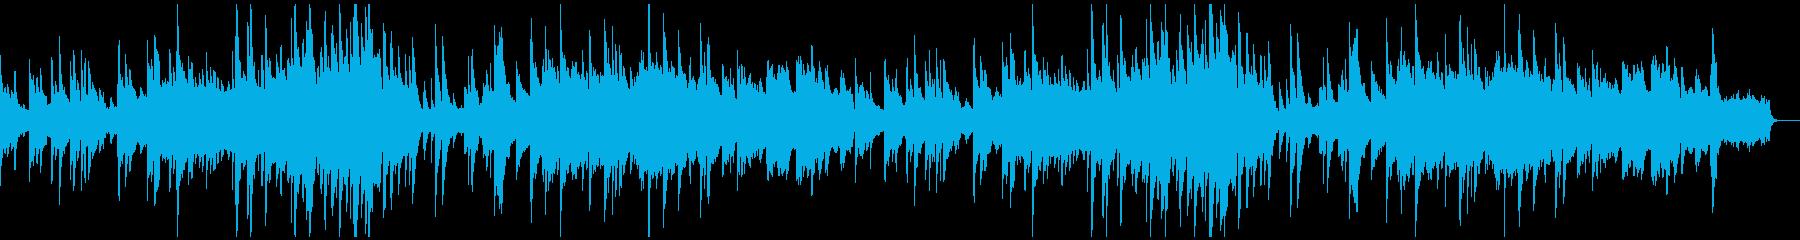 優しい旋律のピアノバラードの再生済みの波形